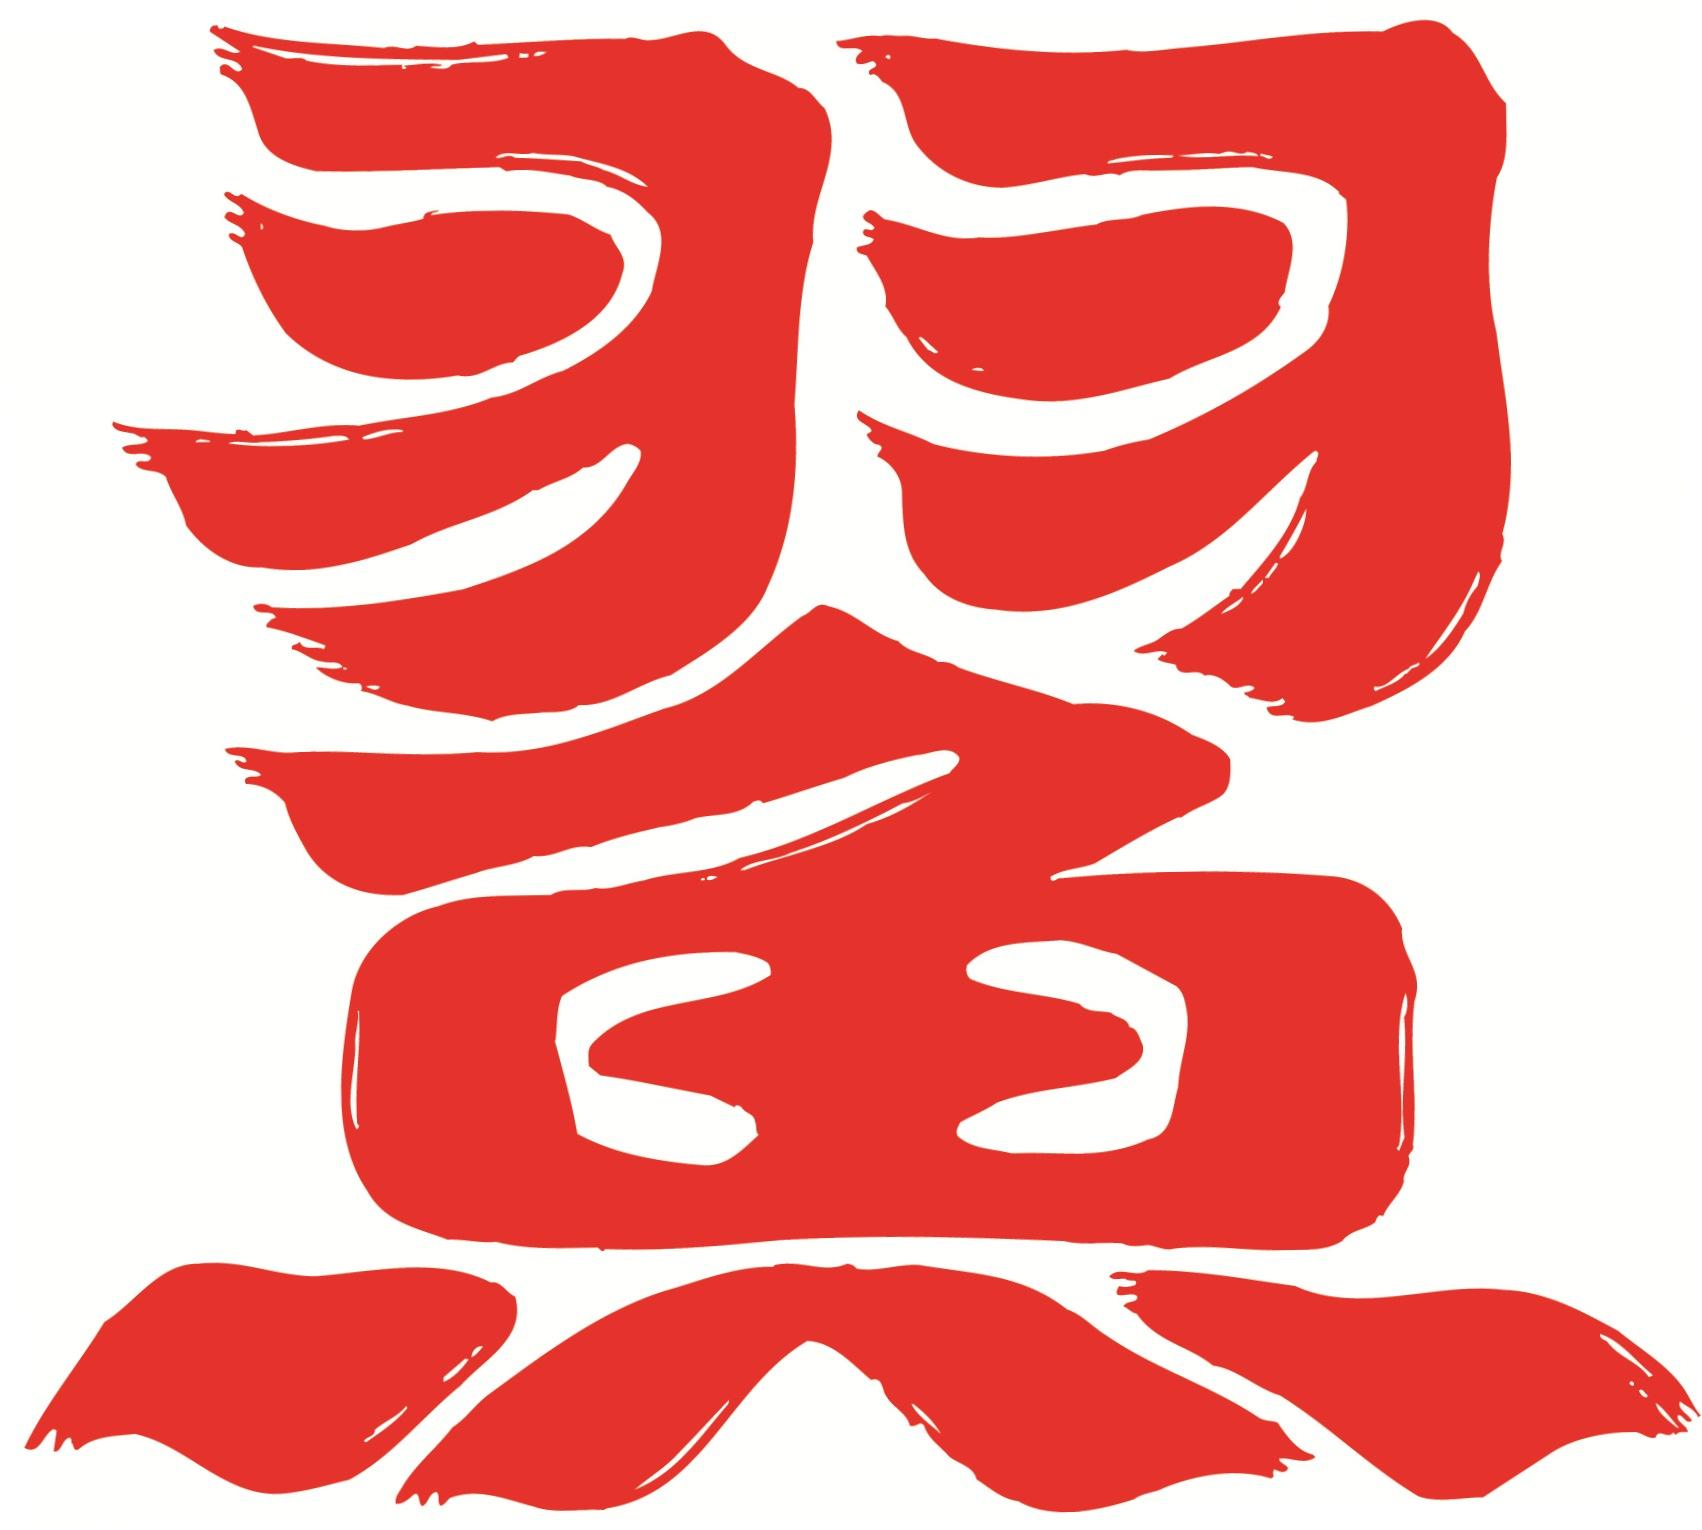 羽魚(漢字).jpg